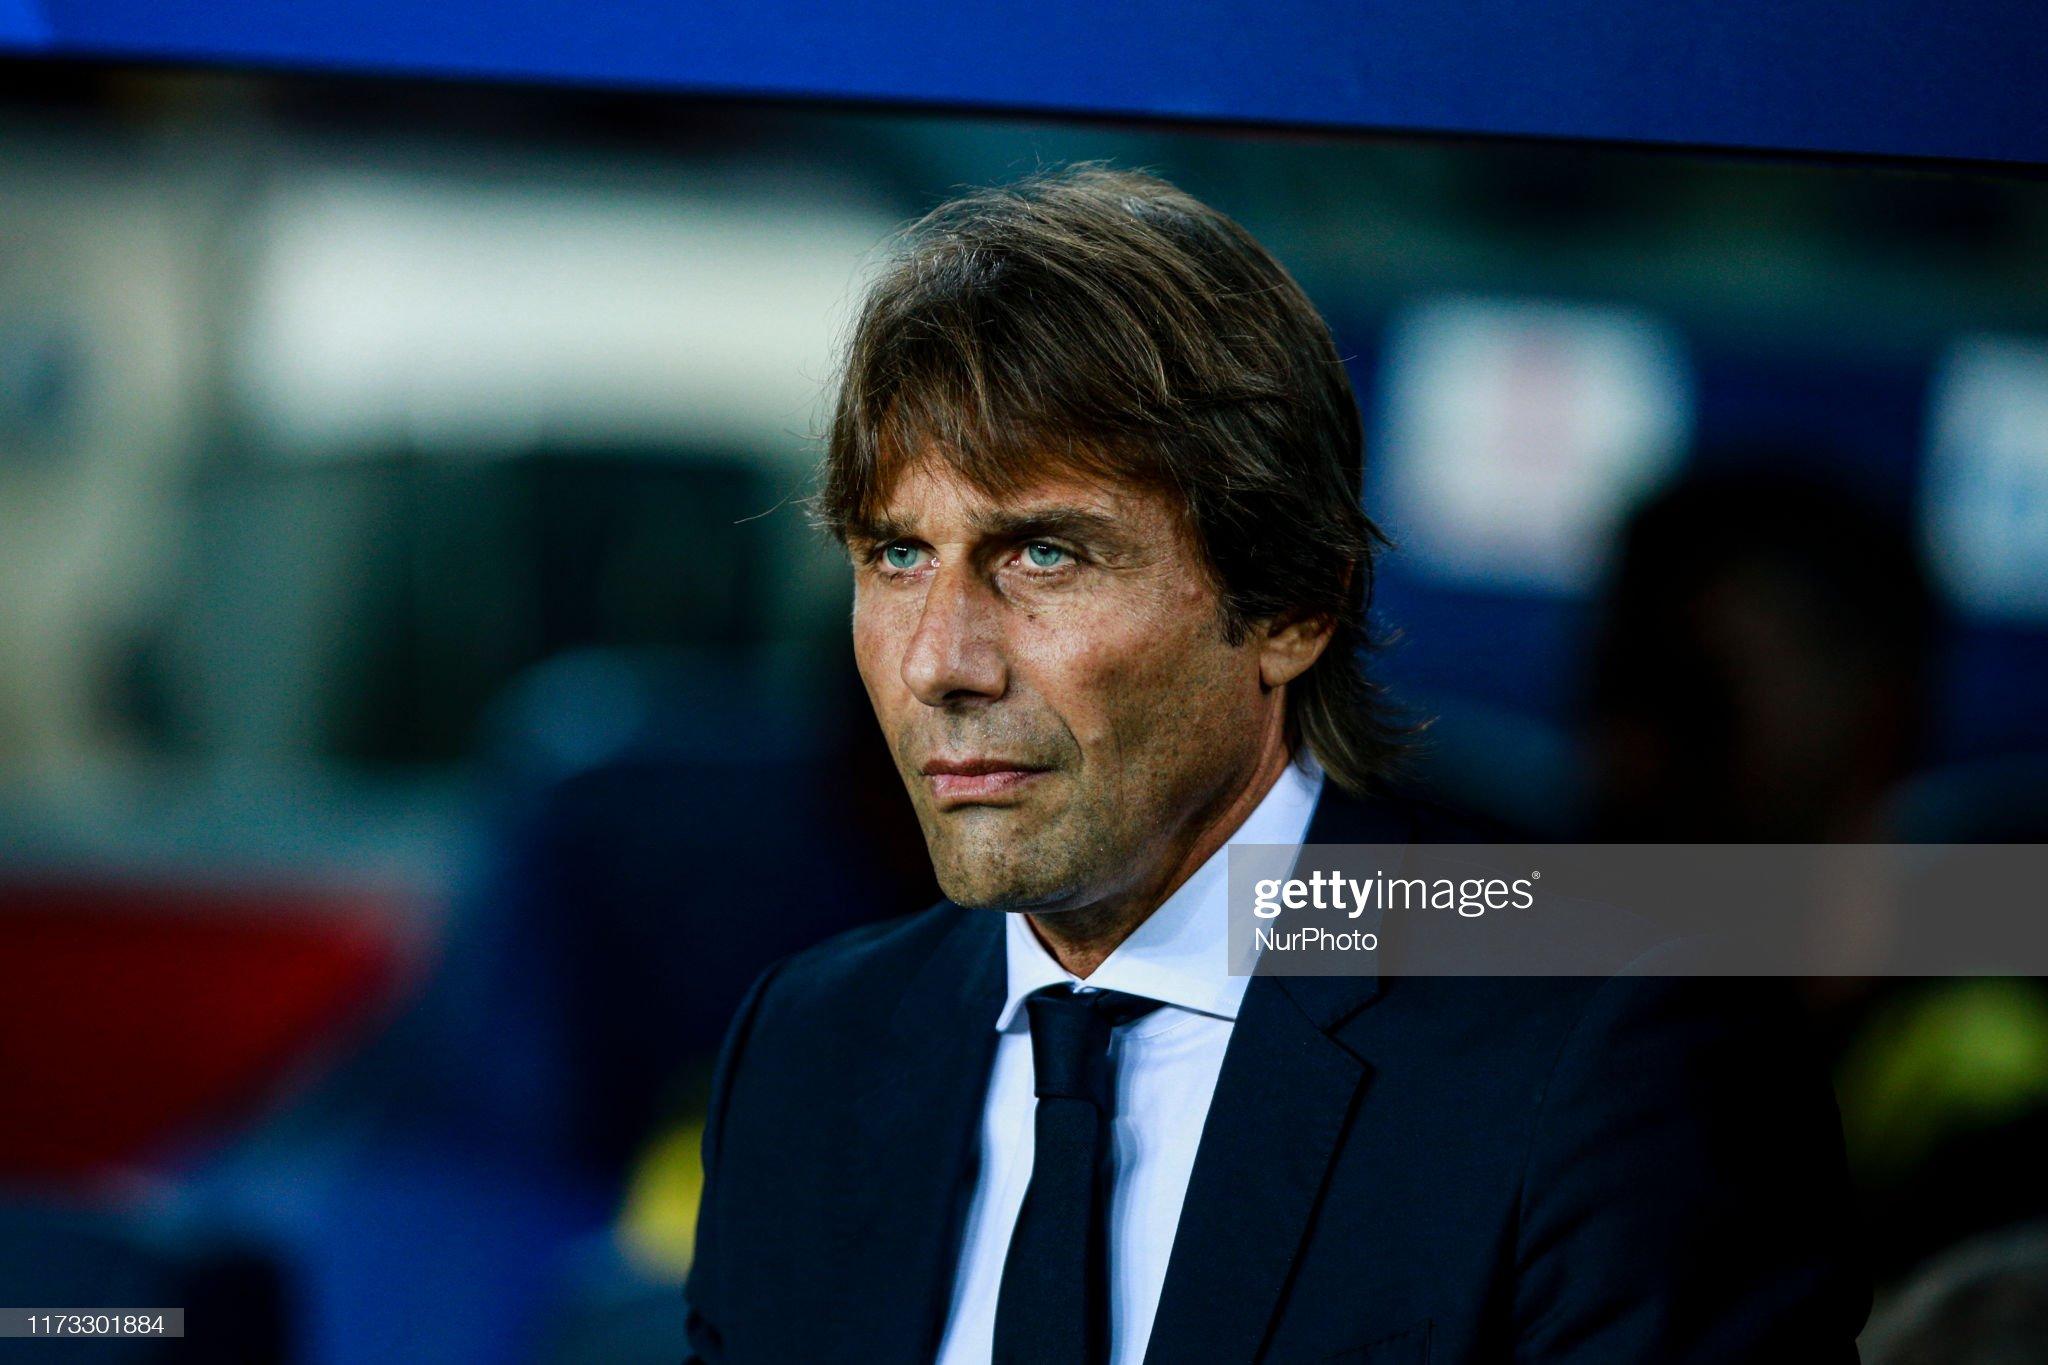 صور مباراة : برشلونة - إنتر 2-1 ( 02-10-2019 )  Antonio-conte-of-fc-internazionale-milano-during-the-uefa-champions-picture-id1173301884?s=2048x2048